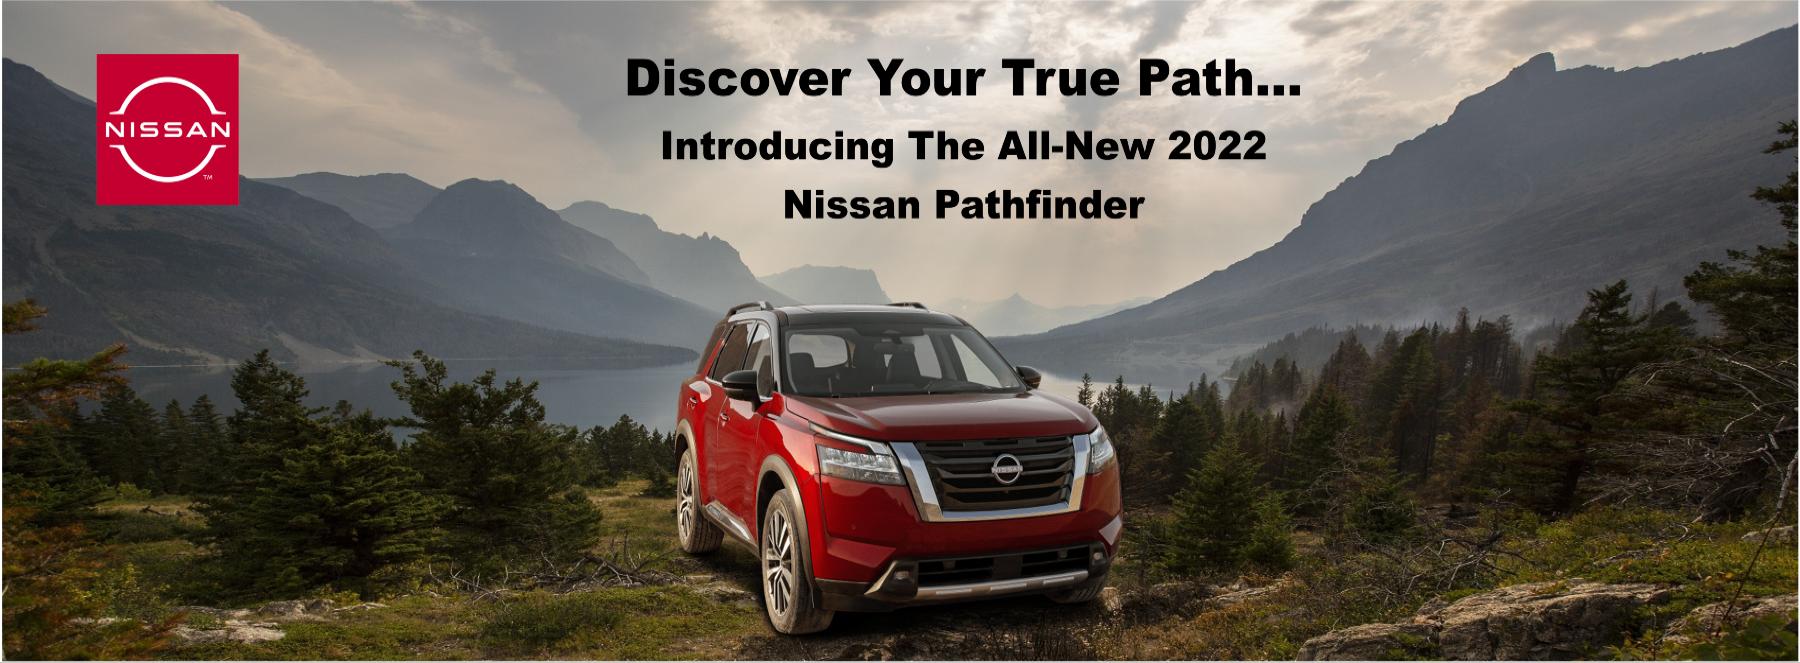 2022 nissan pathfinder banner